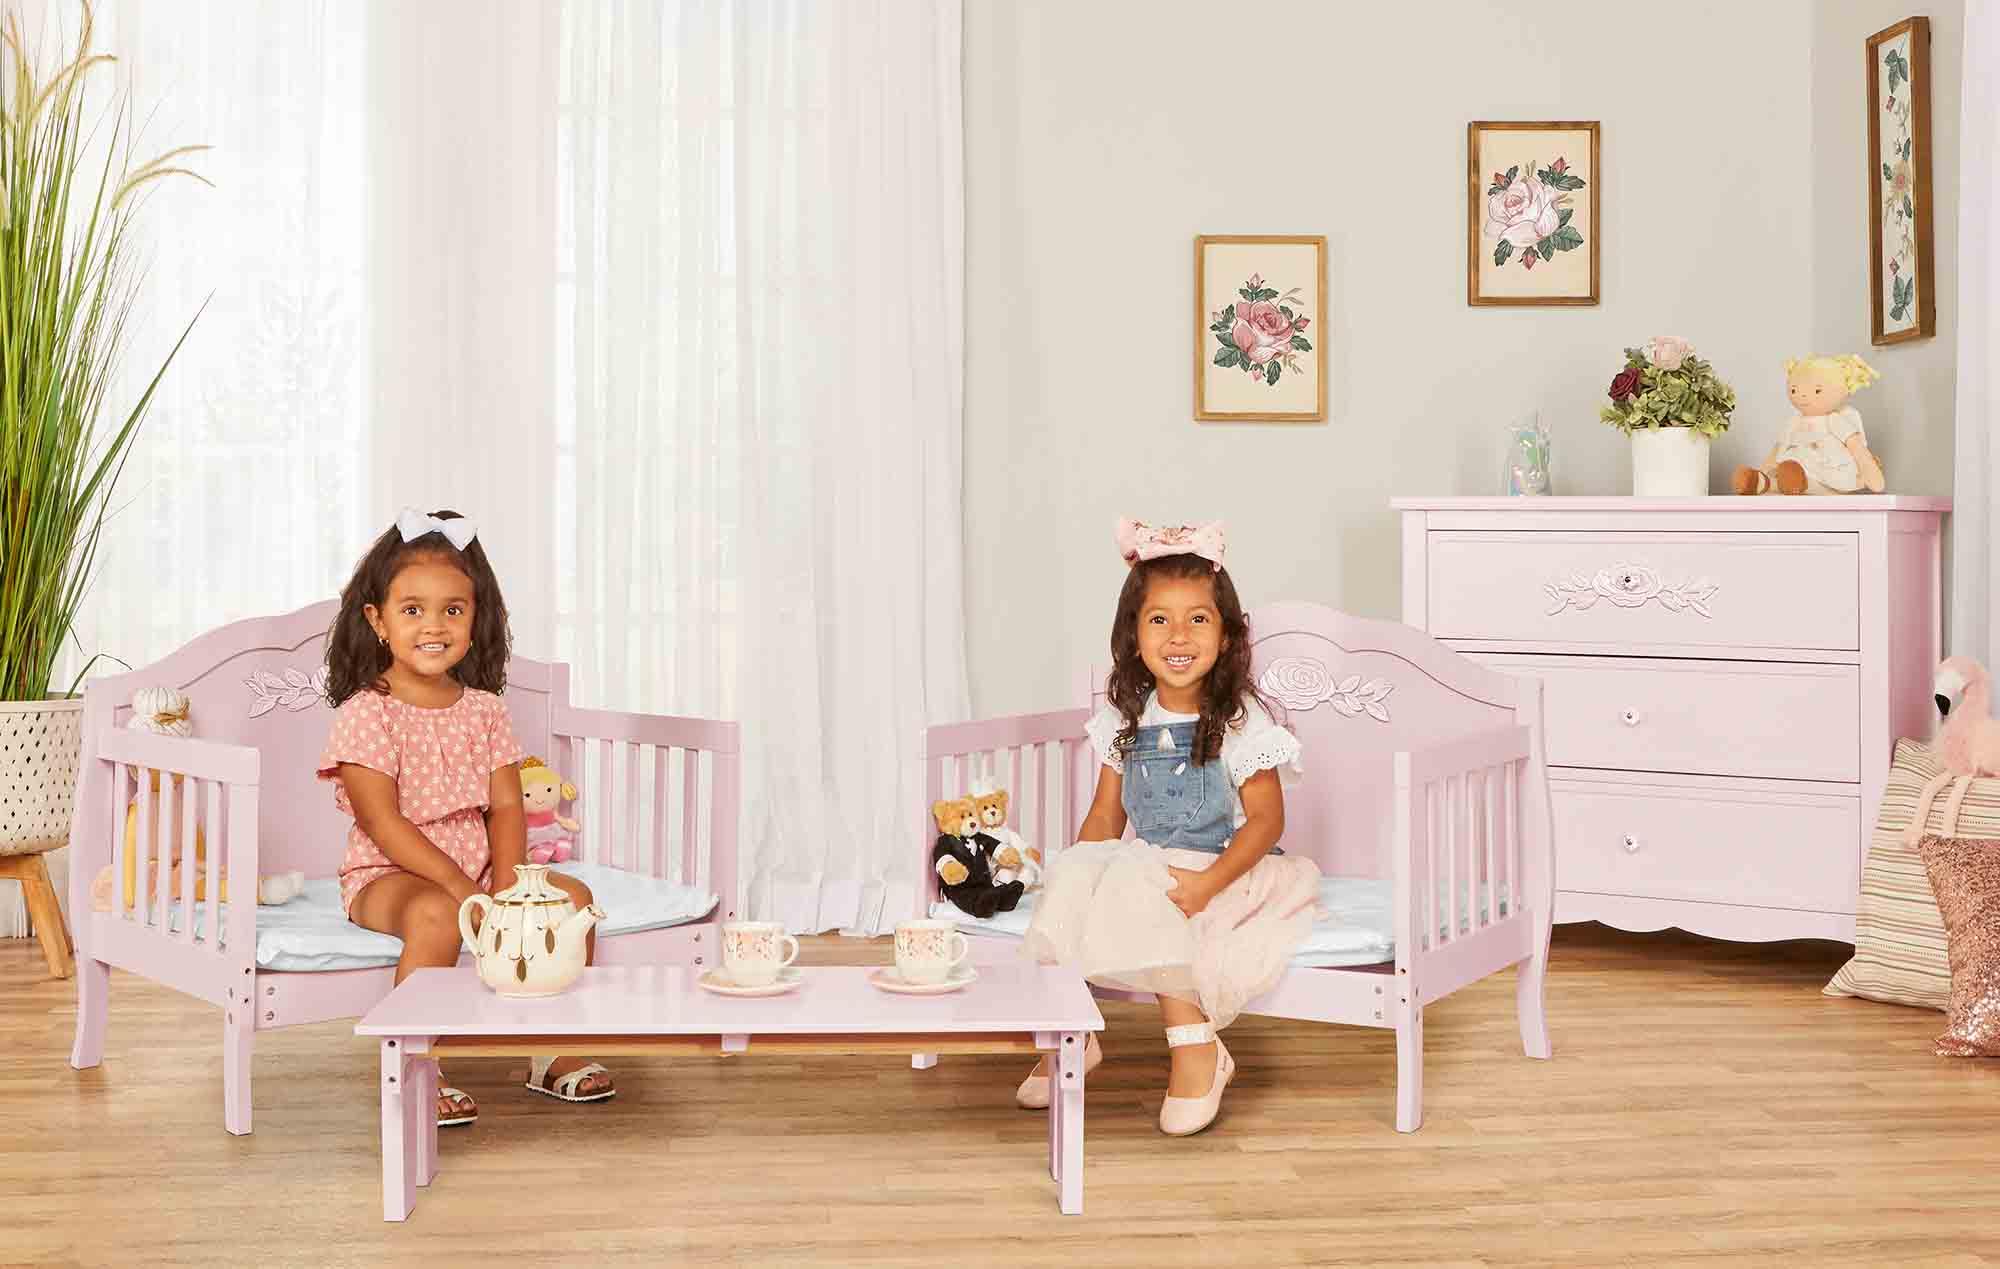 640_BLUSH Rose Toddler Bed RmScene 02